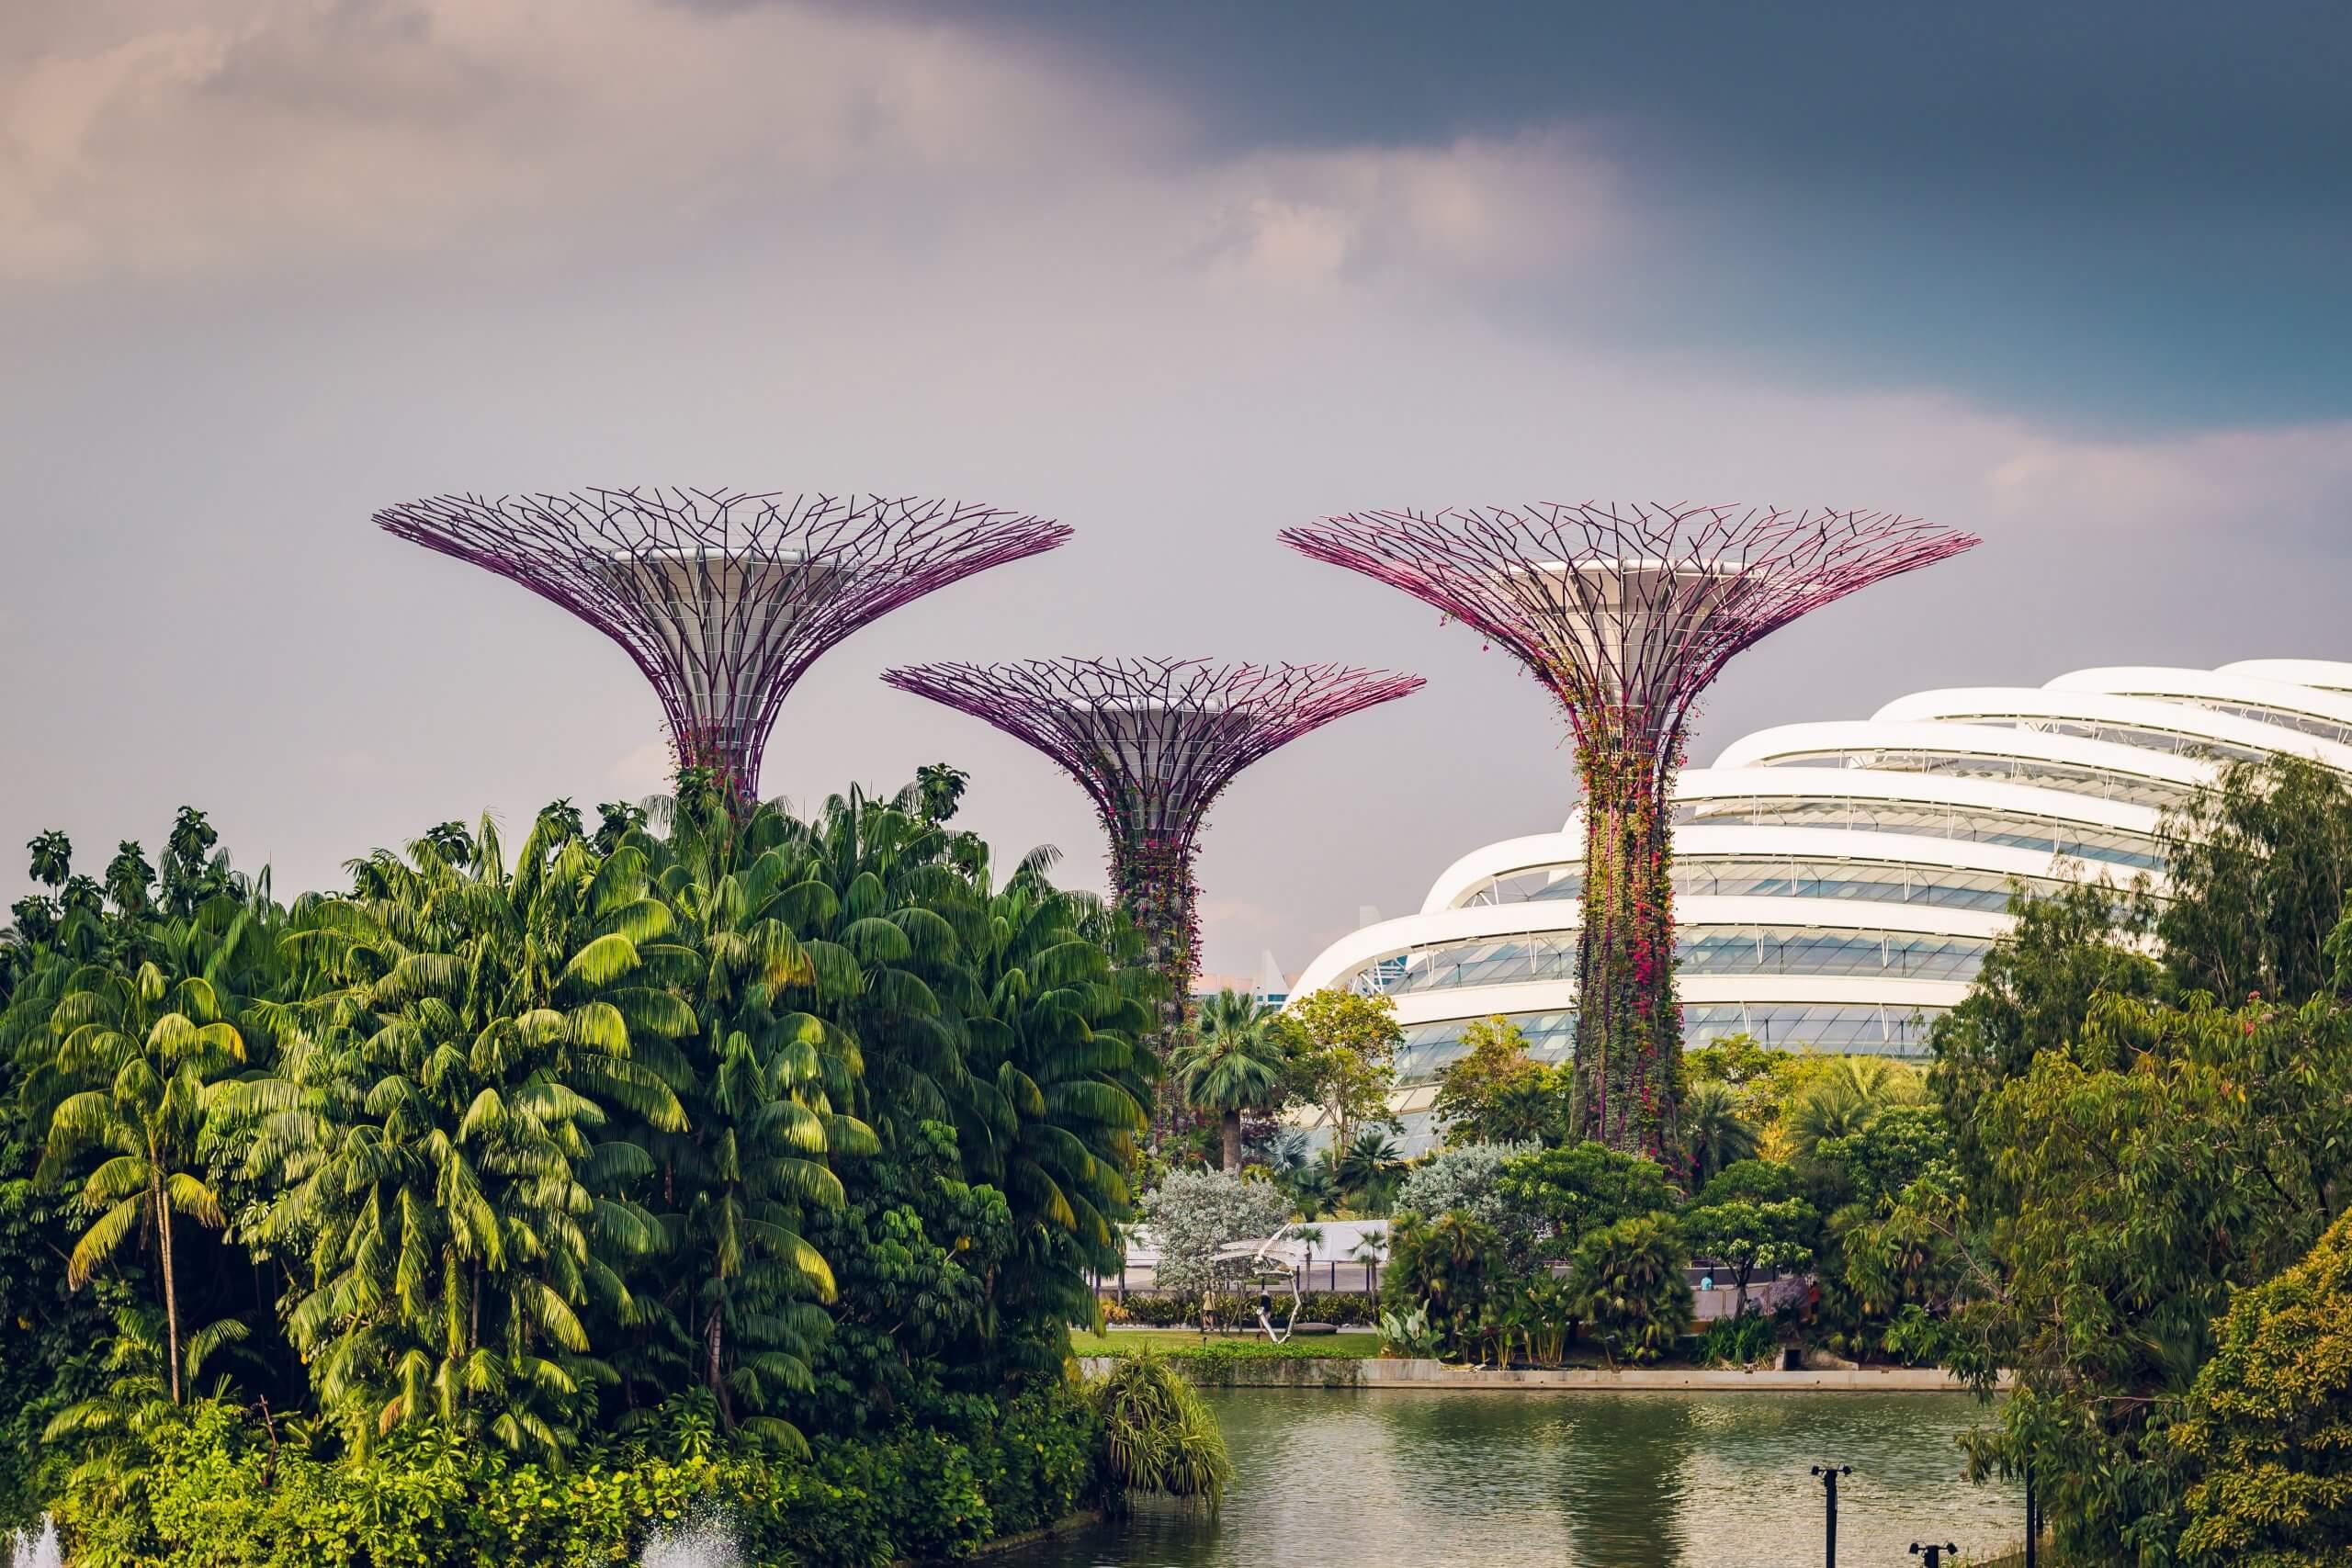 Jedinstveni botanički vrtovi koji daju novu dimenziju održivosti